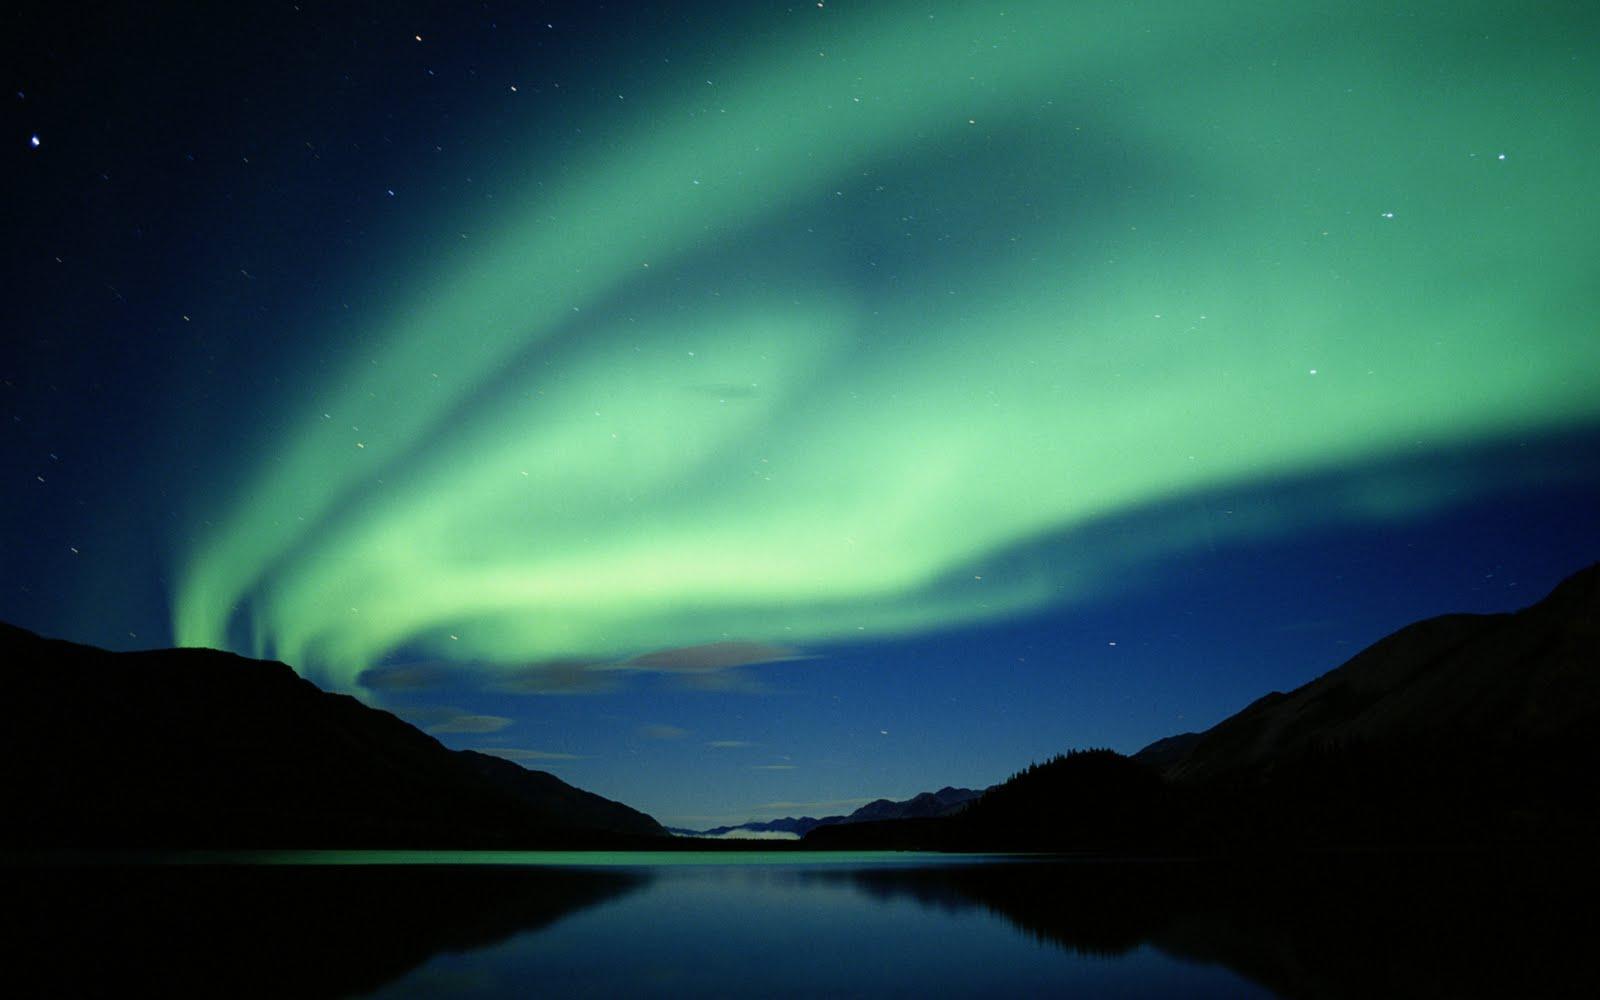 http://1.bp.blogspot.com/_Zw41kxI2akg/TTMFdprlQwI/AAAAAAAADGU/o-jnygrYWXs/s1600/aurora_boreala_1.jpg